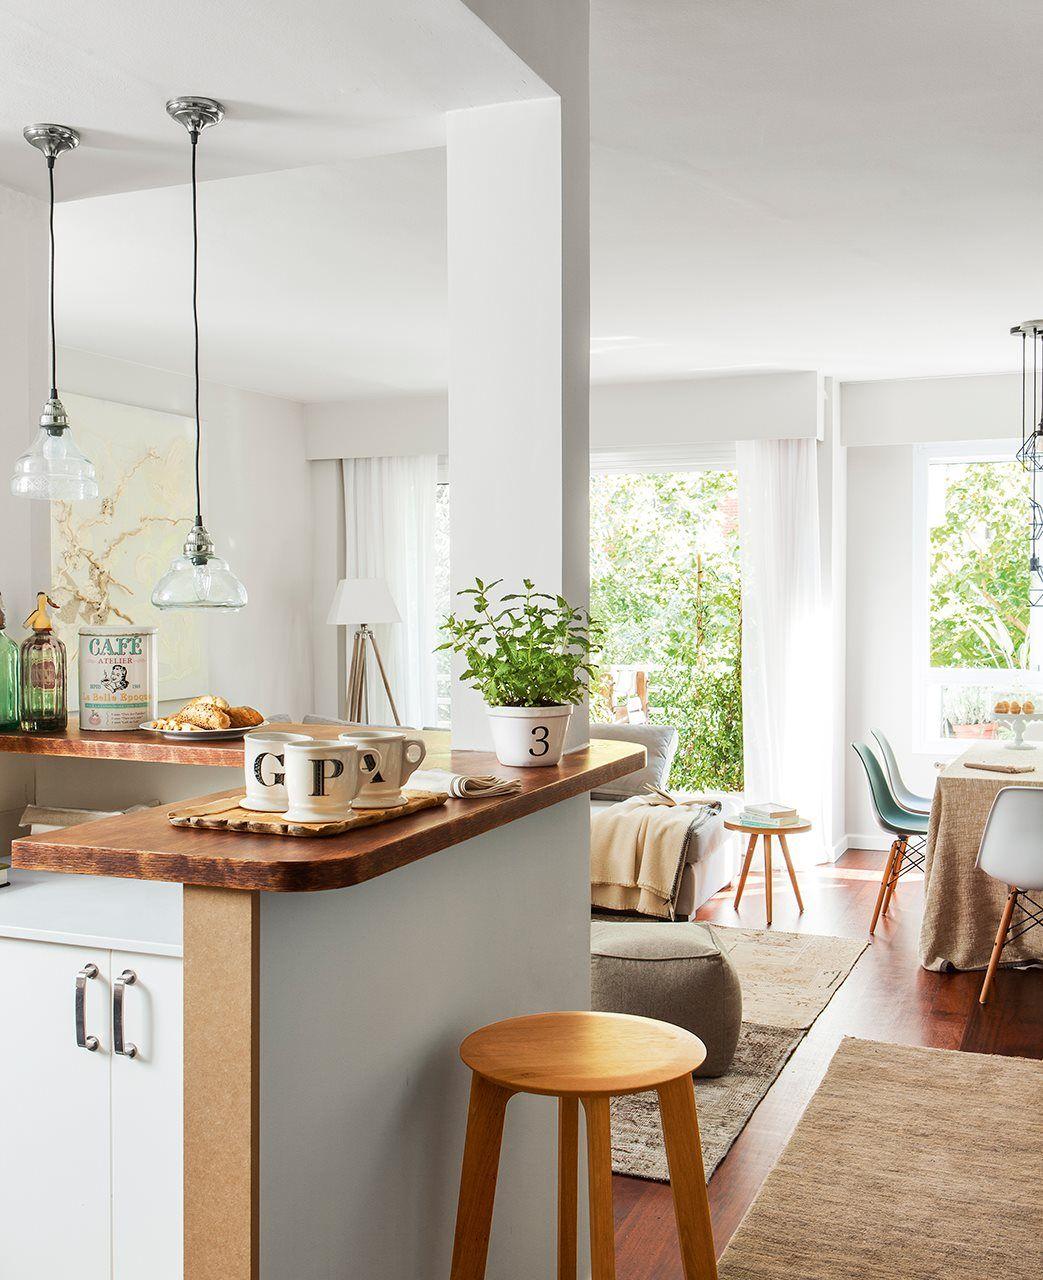 En la cocina en 2019 home cocina concepto abierto for Concepto de cocina abierta